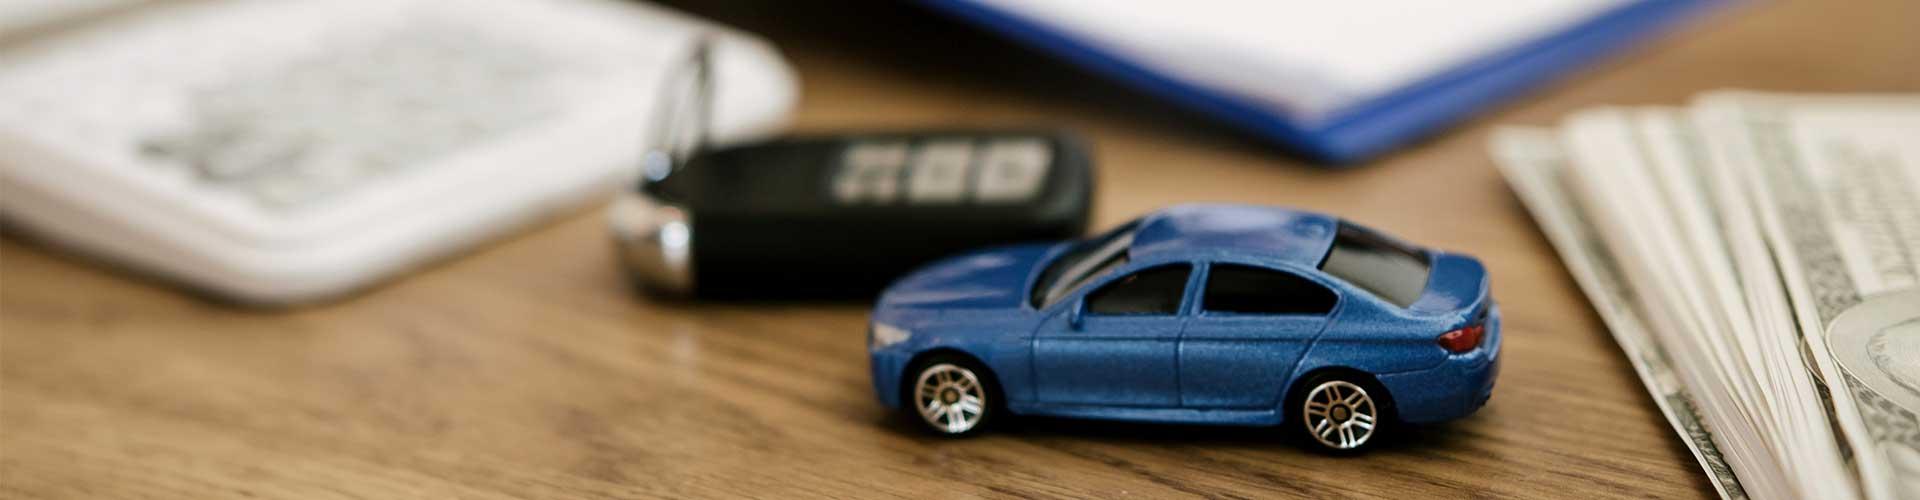 Firmenwagenvertrag unterschreiben, was ist zu beachten?